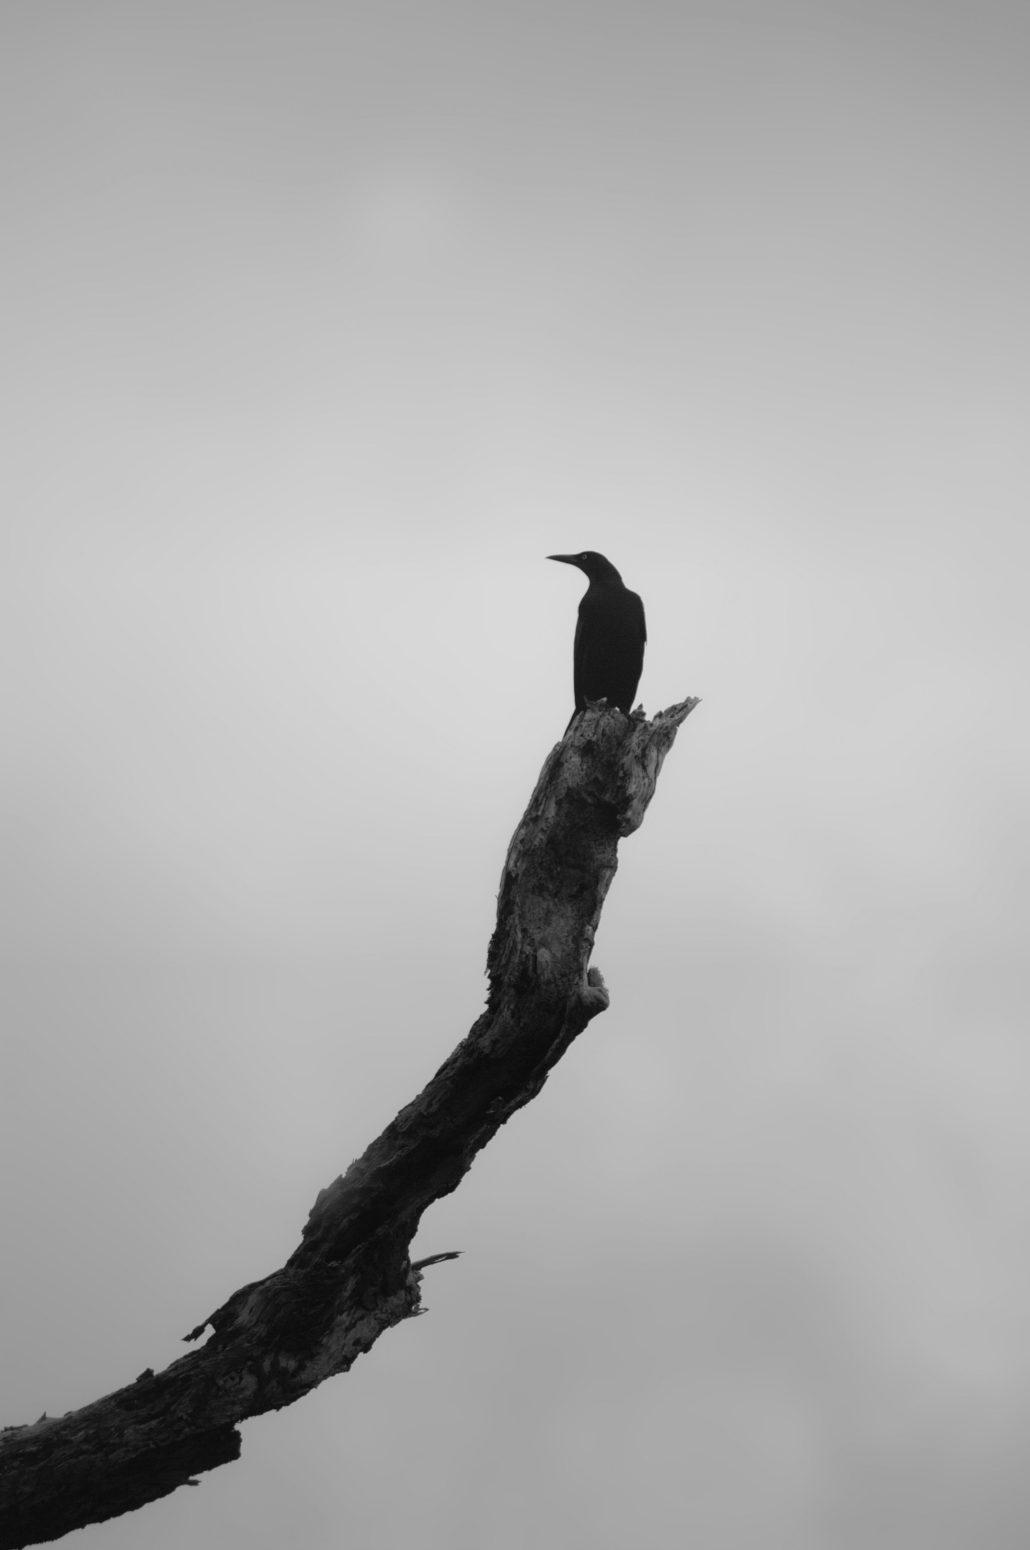 un corbeau sur un arbre perché…ou plutôt une branche…